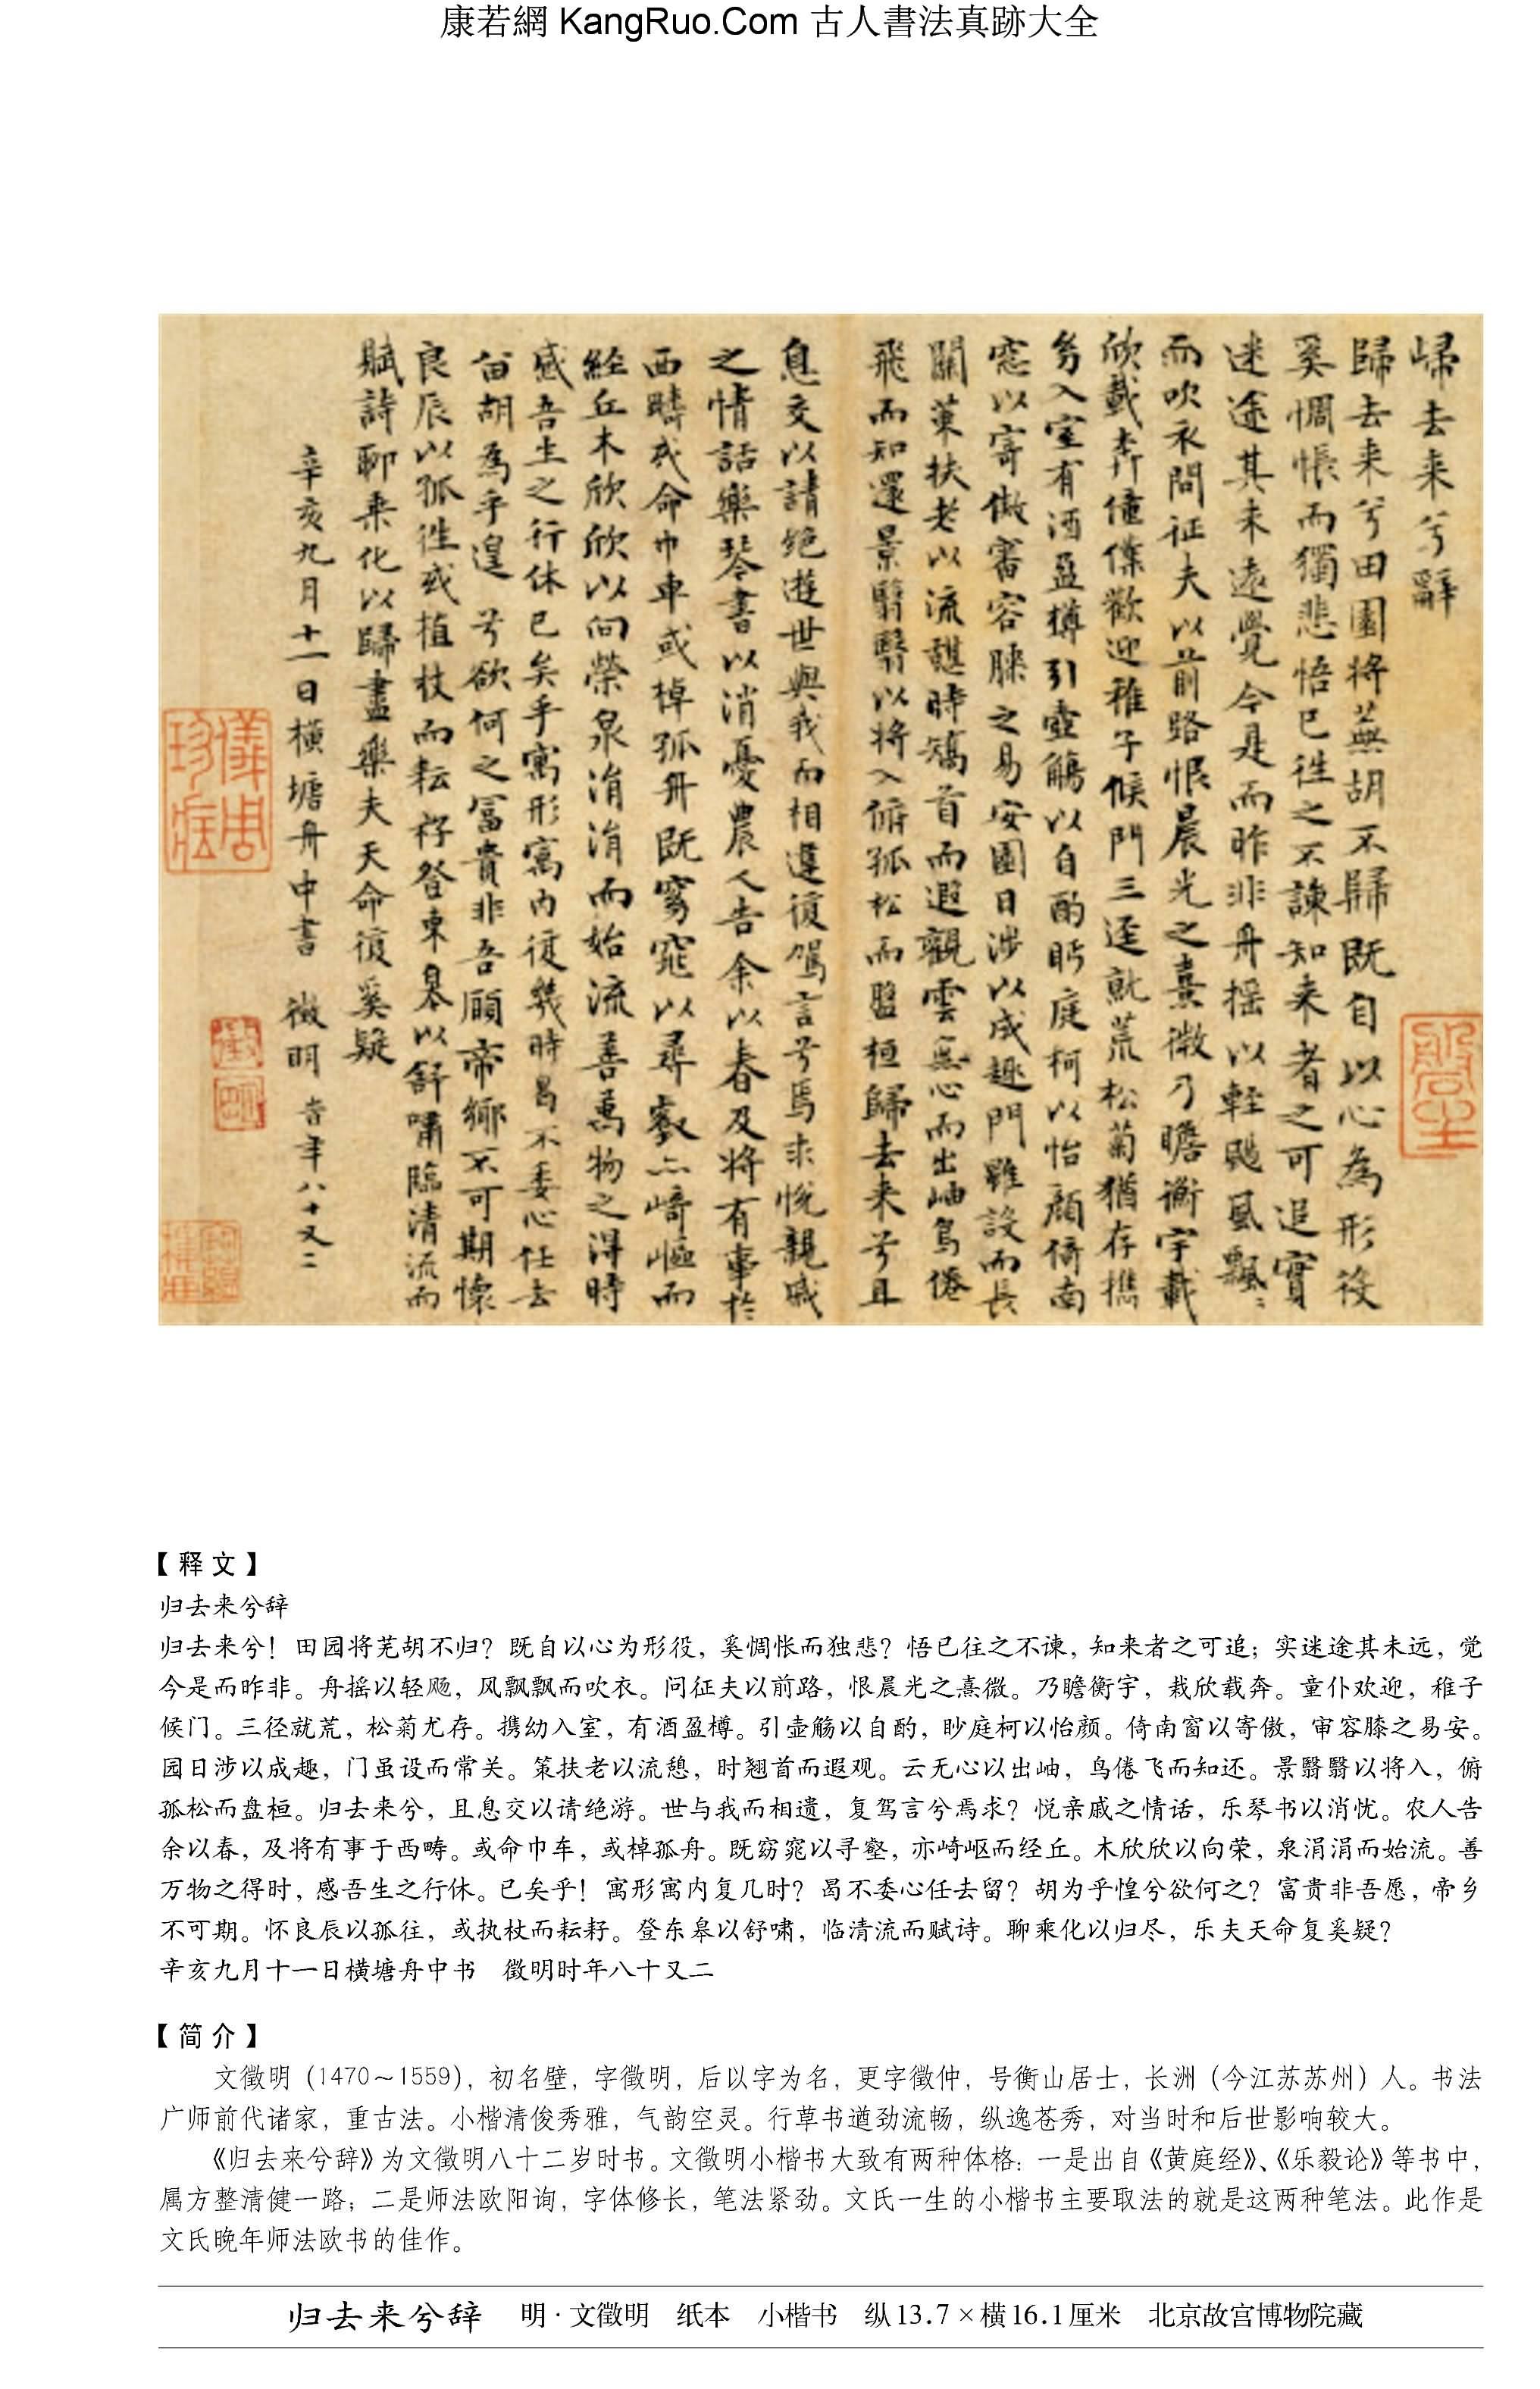 《歸去來兮辭》書法真跡(小楷)【明朝·文徵明】_00185